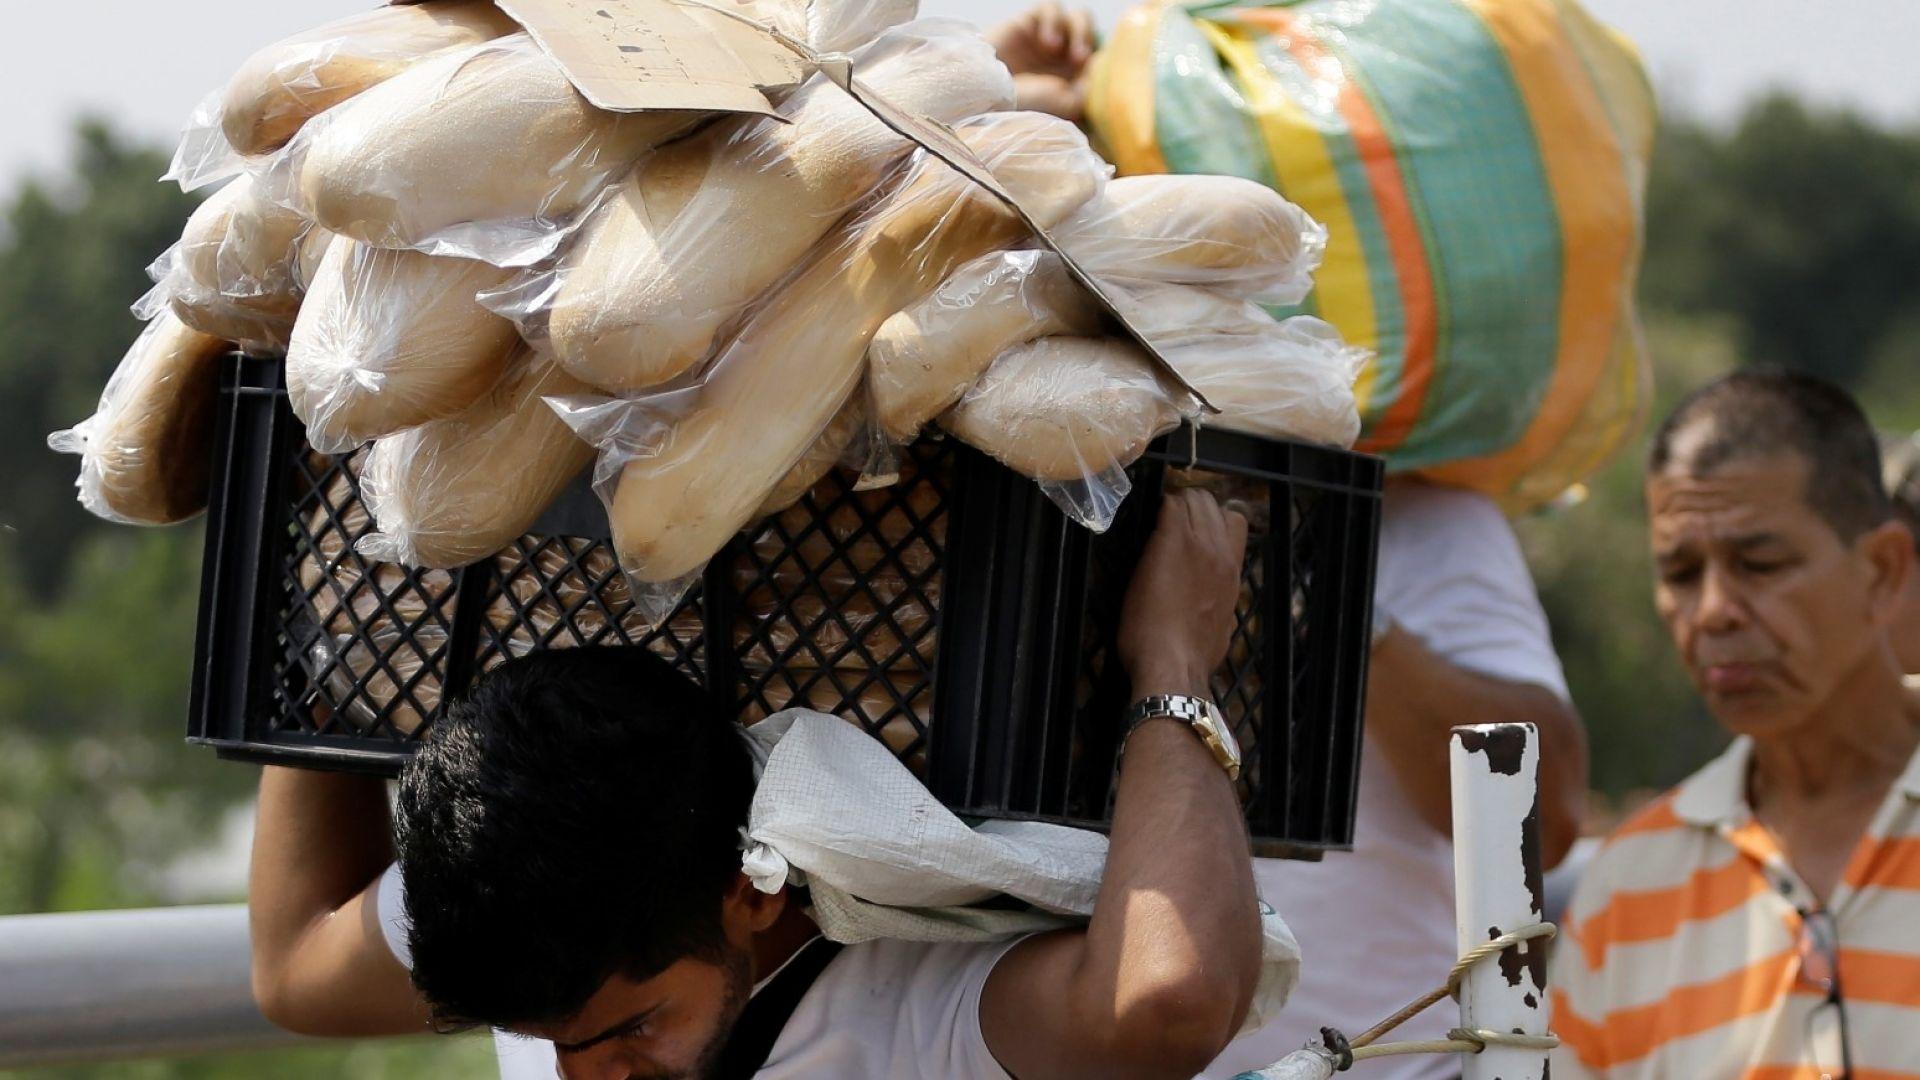 Хуманитарната помощ ще влезе във Венецуела на 23 февруари